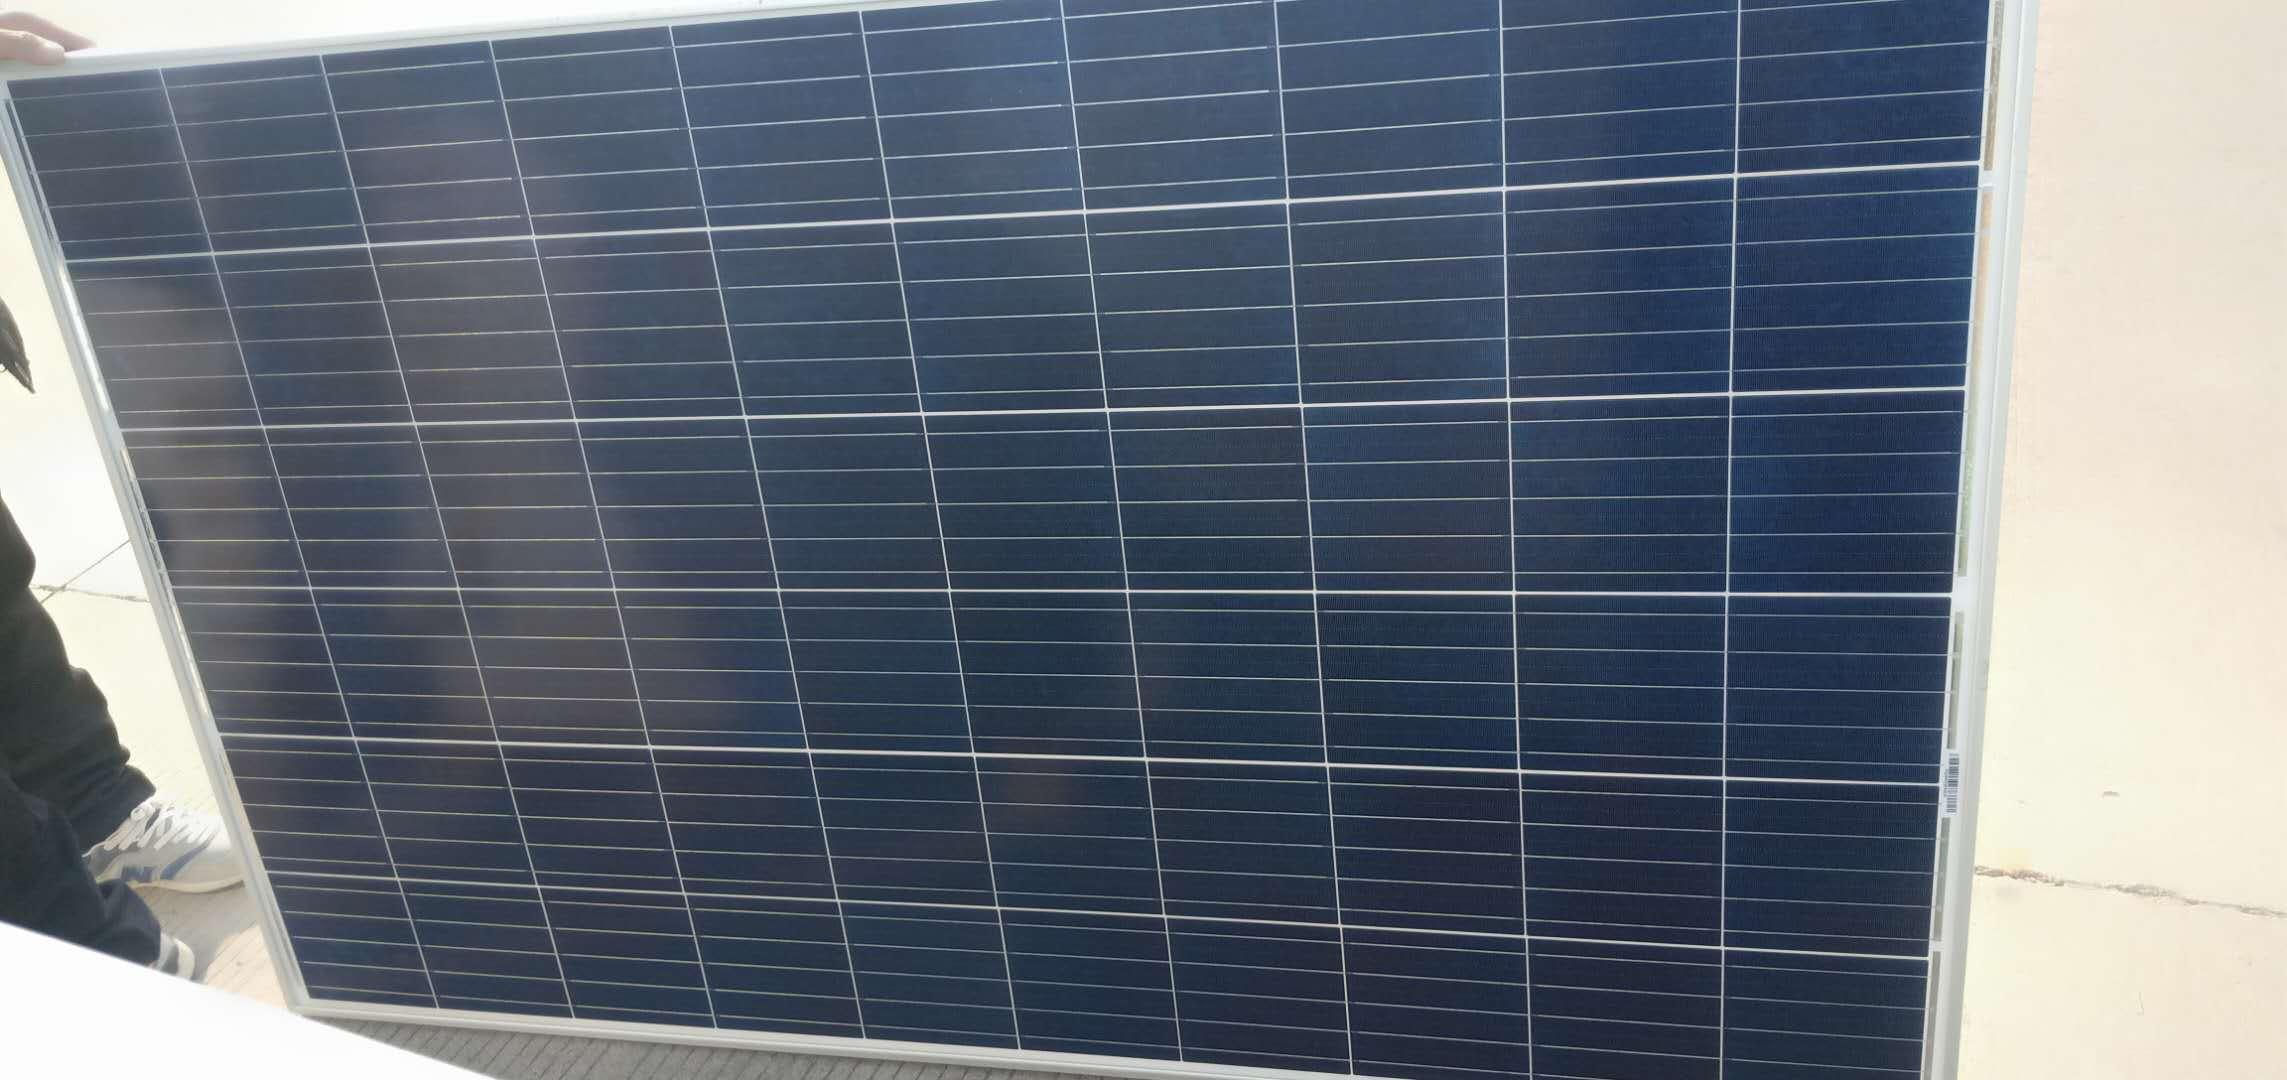 滨州市报废太阳能电池板回收在线咨询